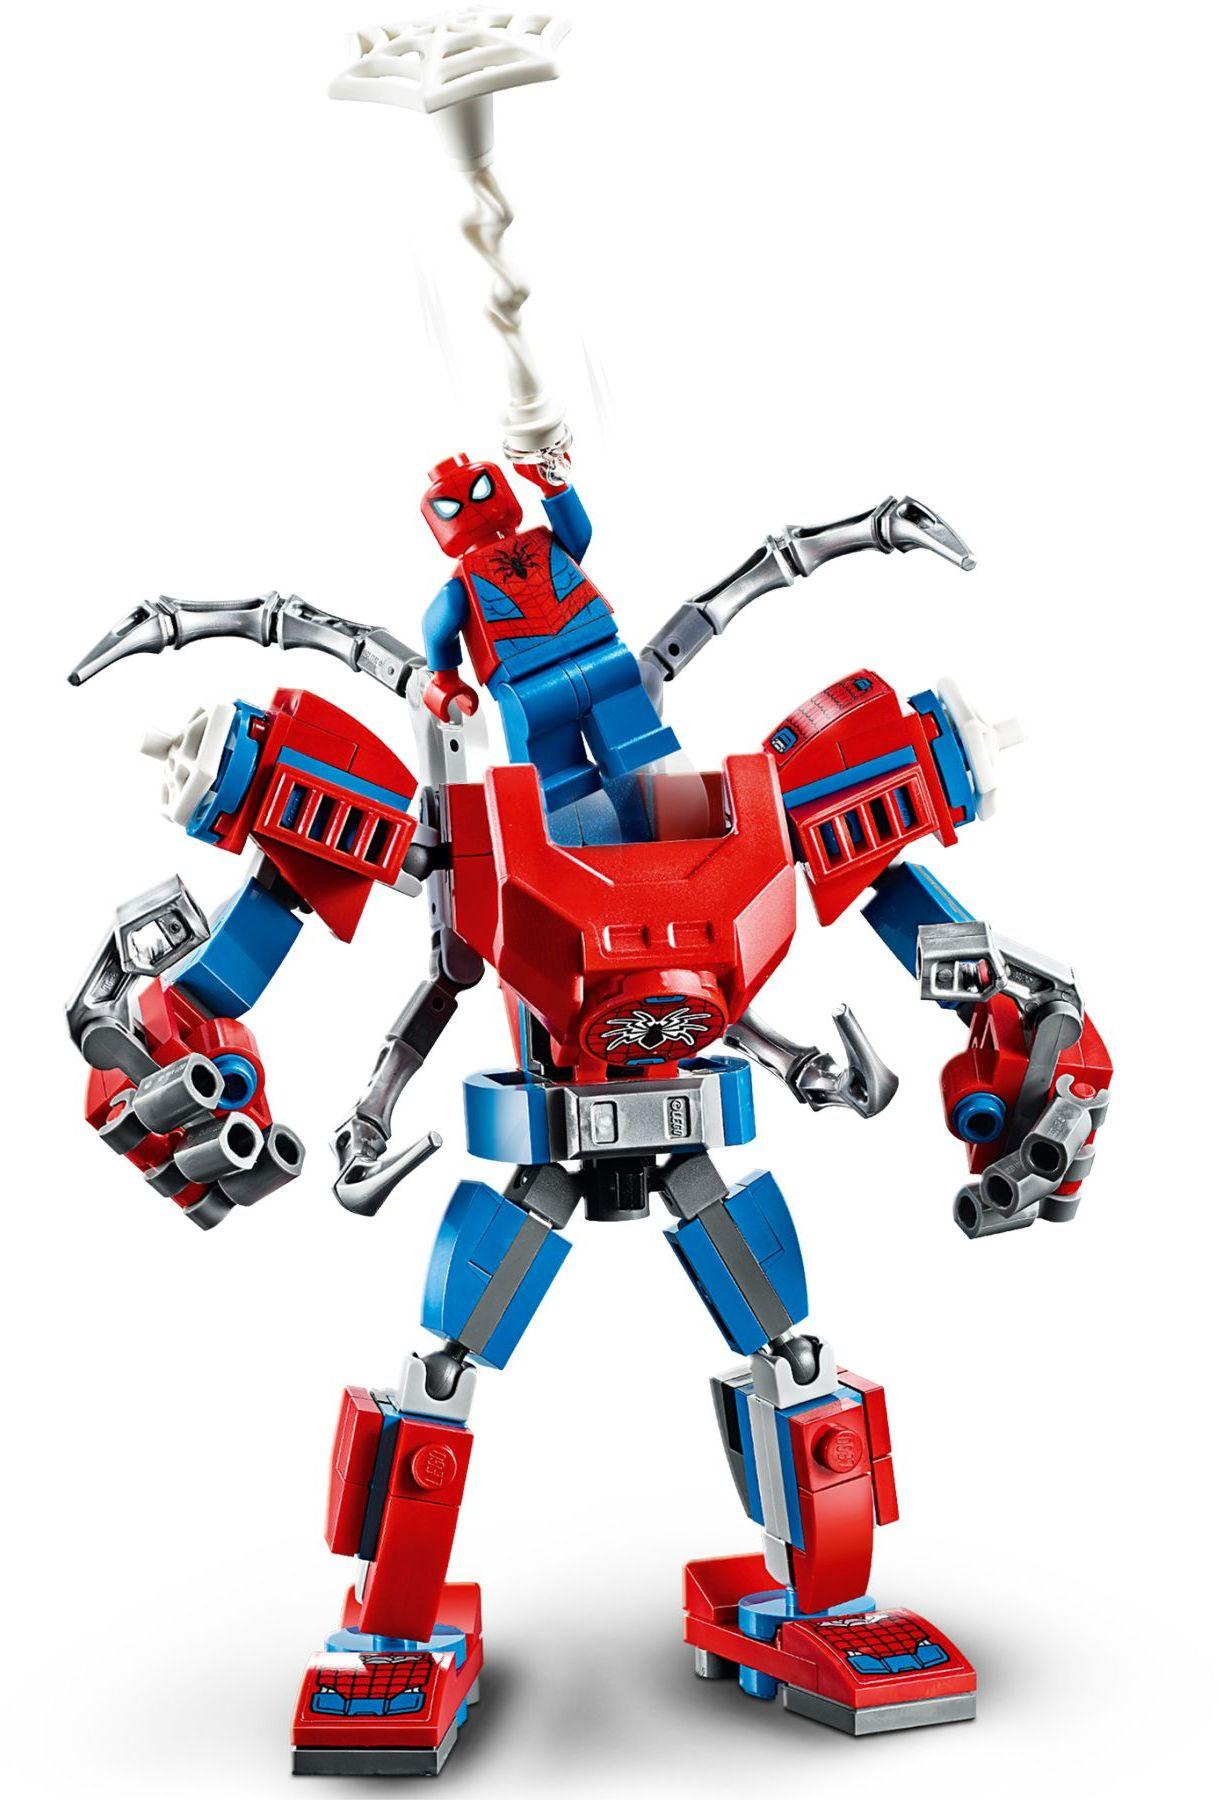 Brickfinder - LEGO Marvel Super Heroes 2020 1HY Hi-Res Images!